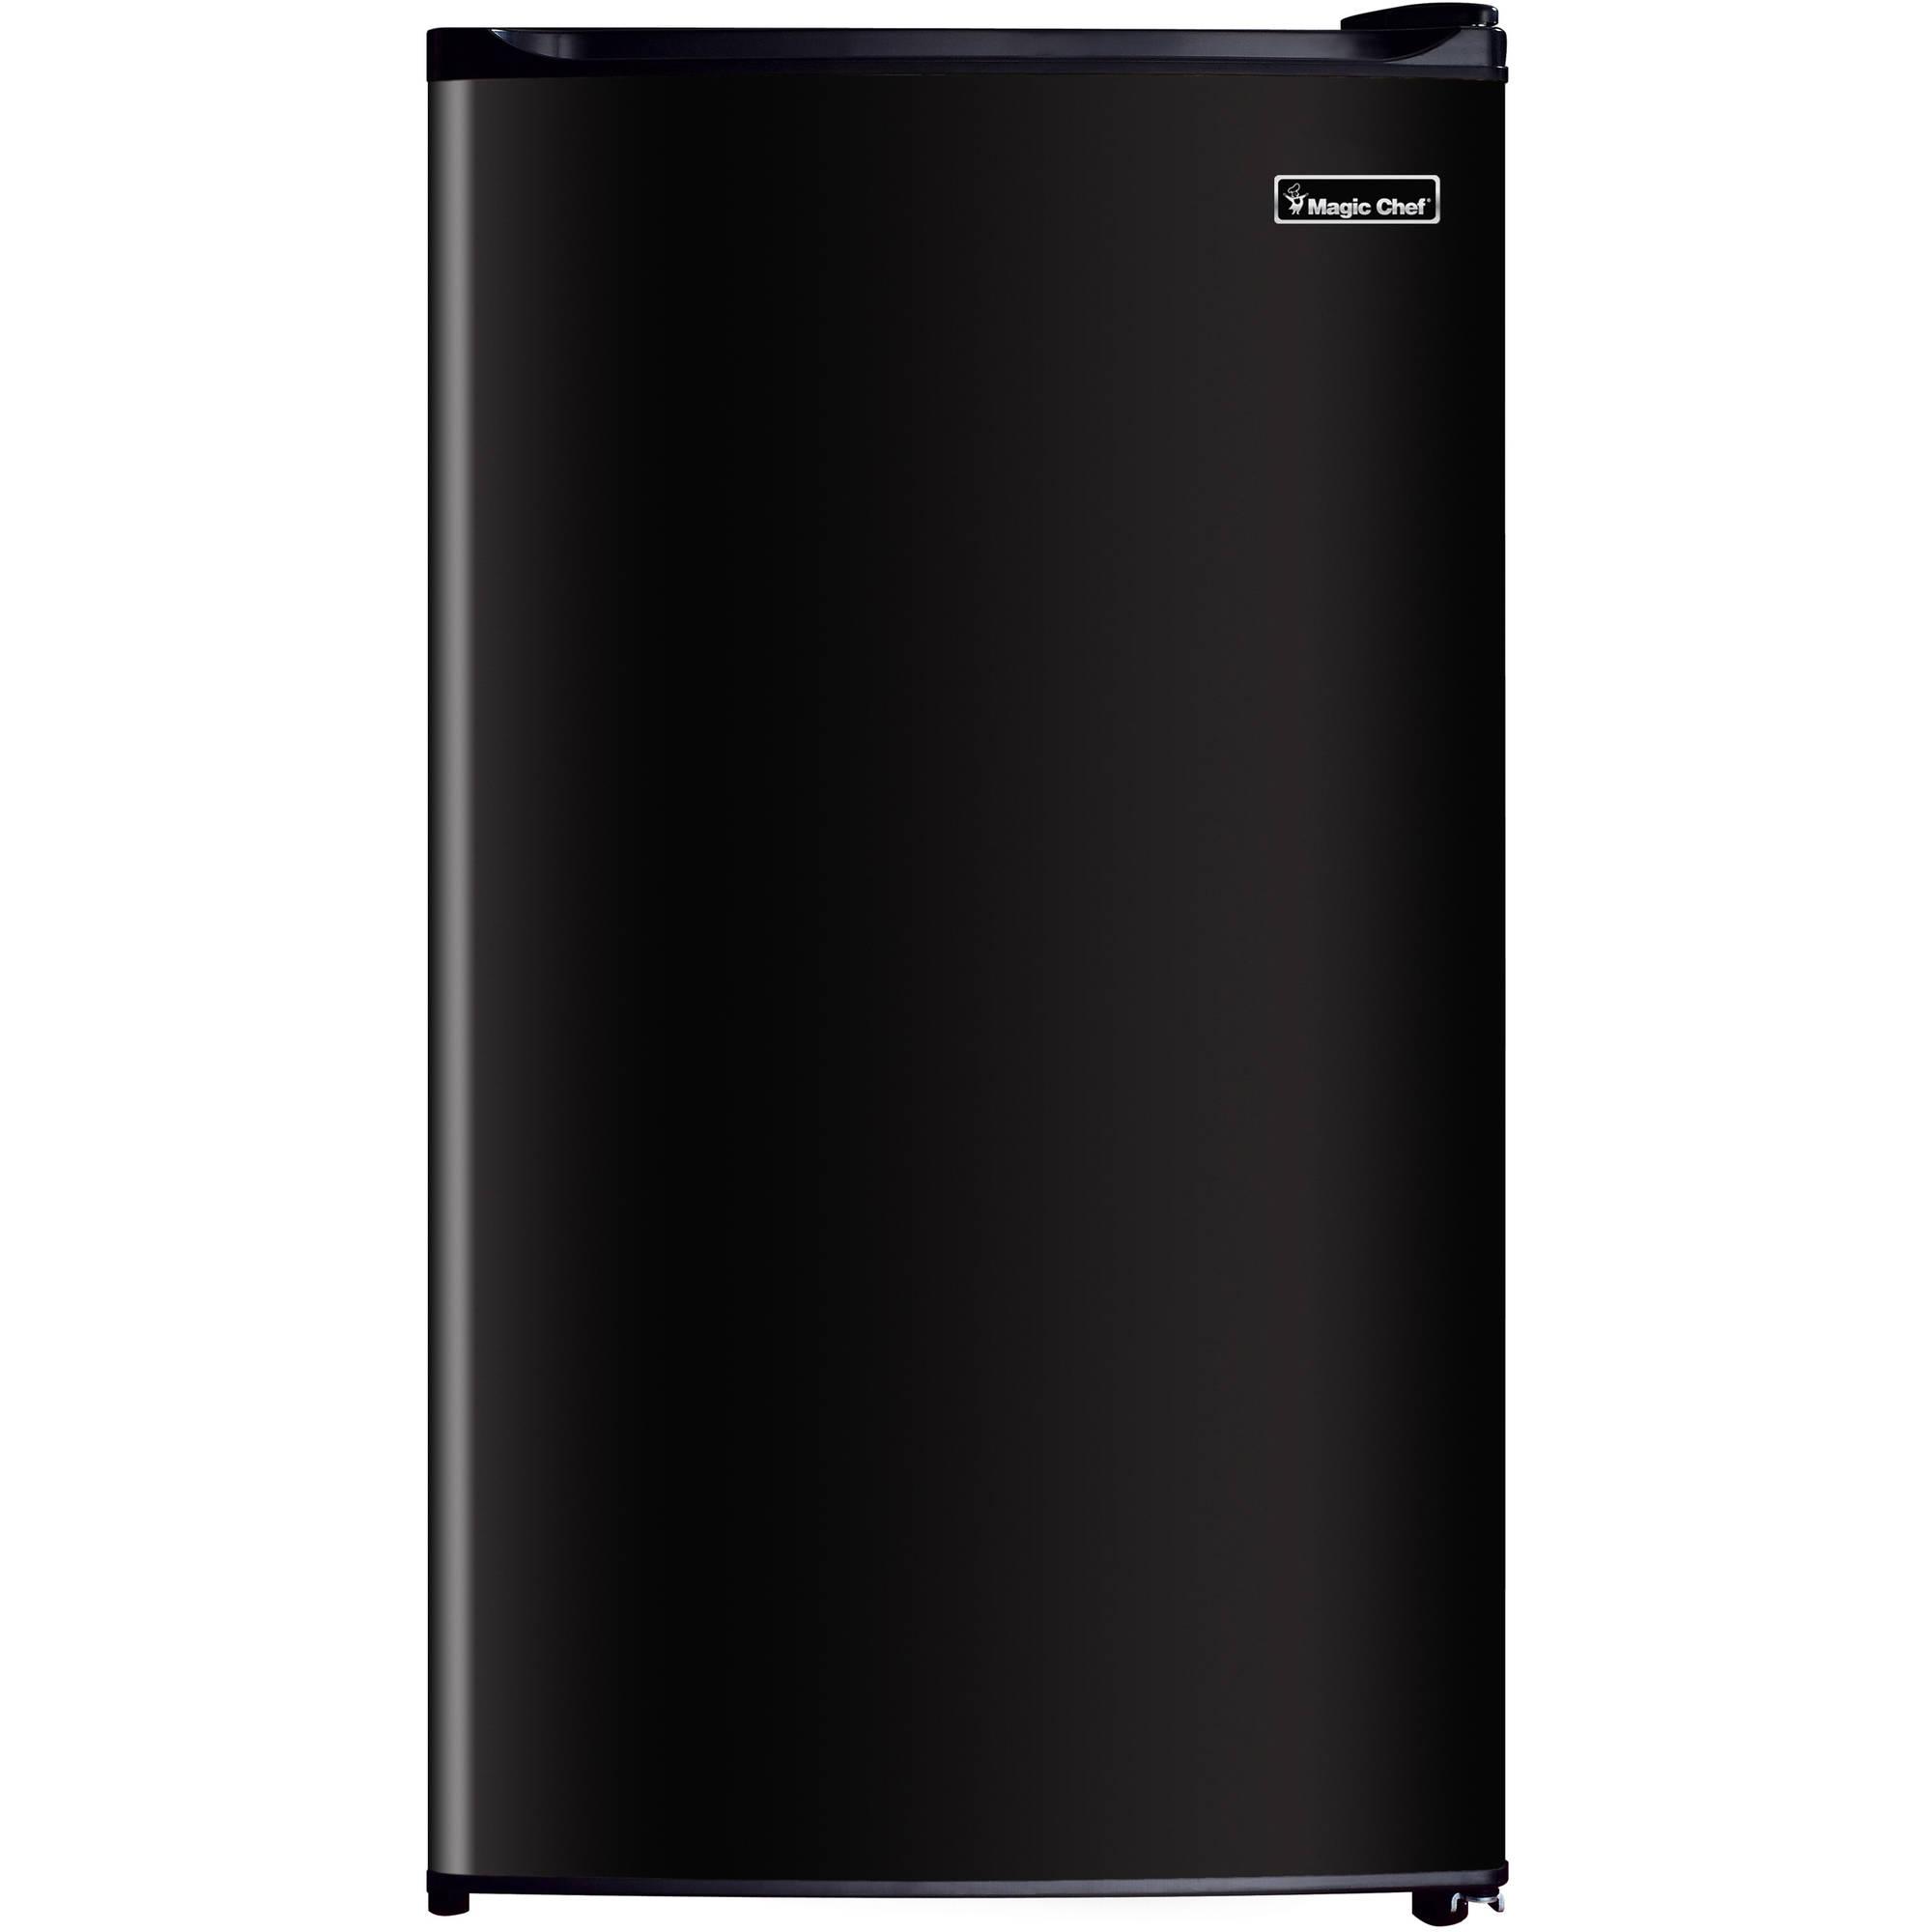 Magic Chef MCBR350B2 3.5-cu. ft. Refrigerator